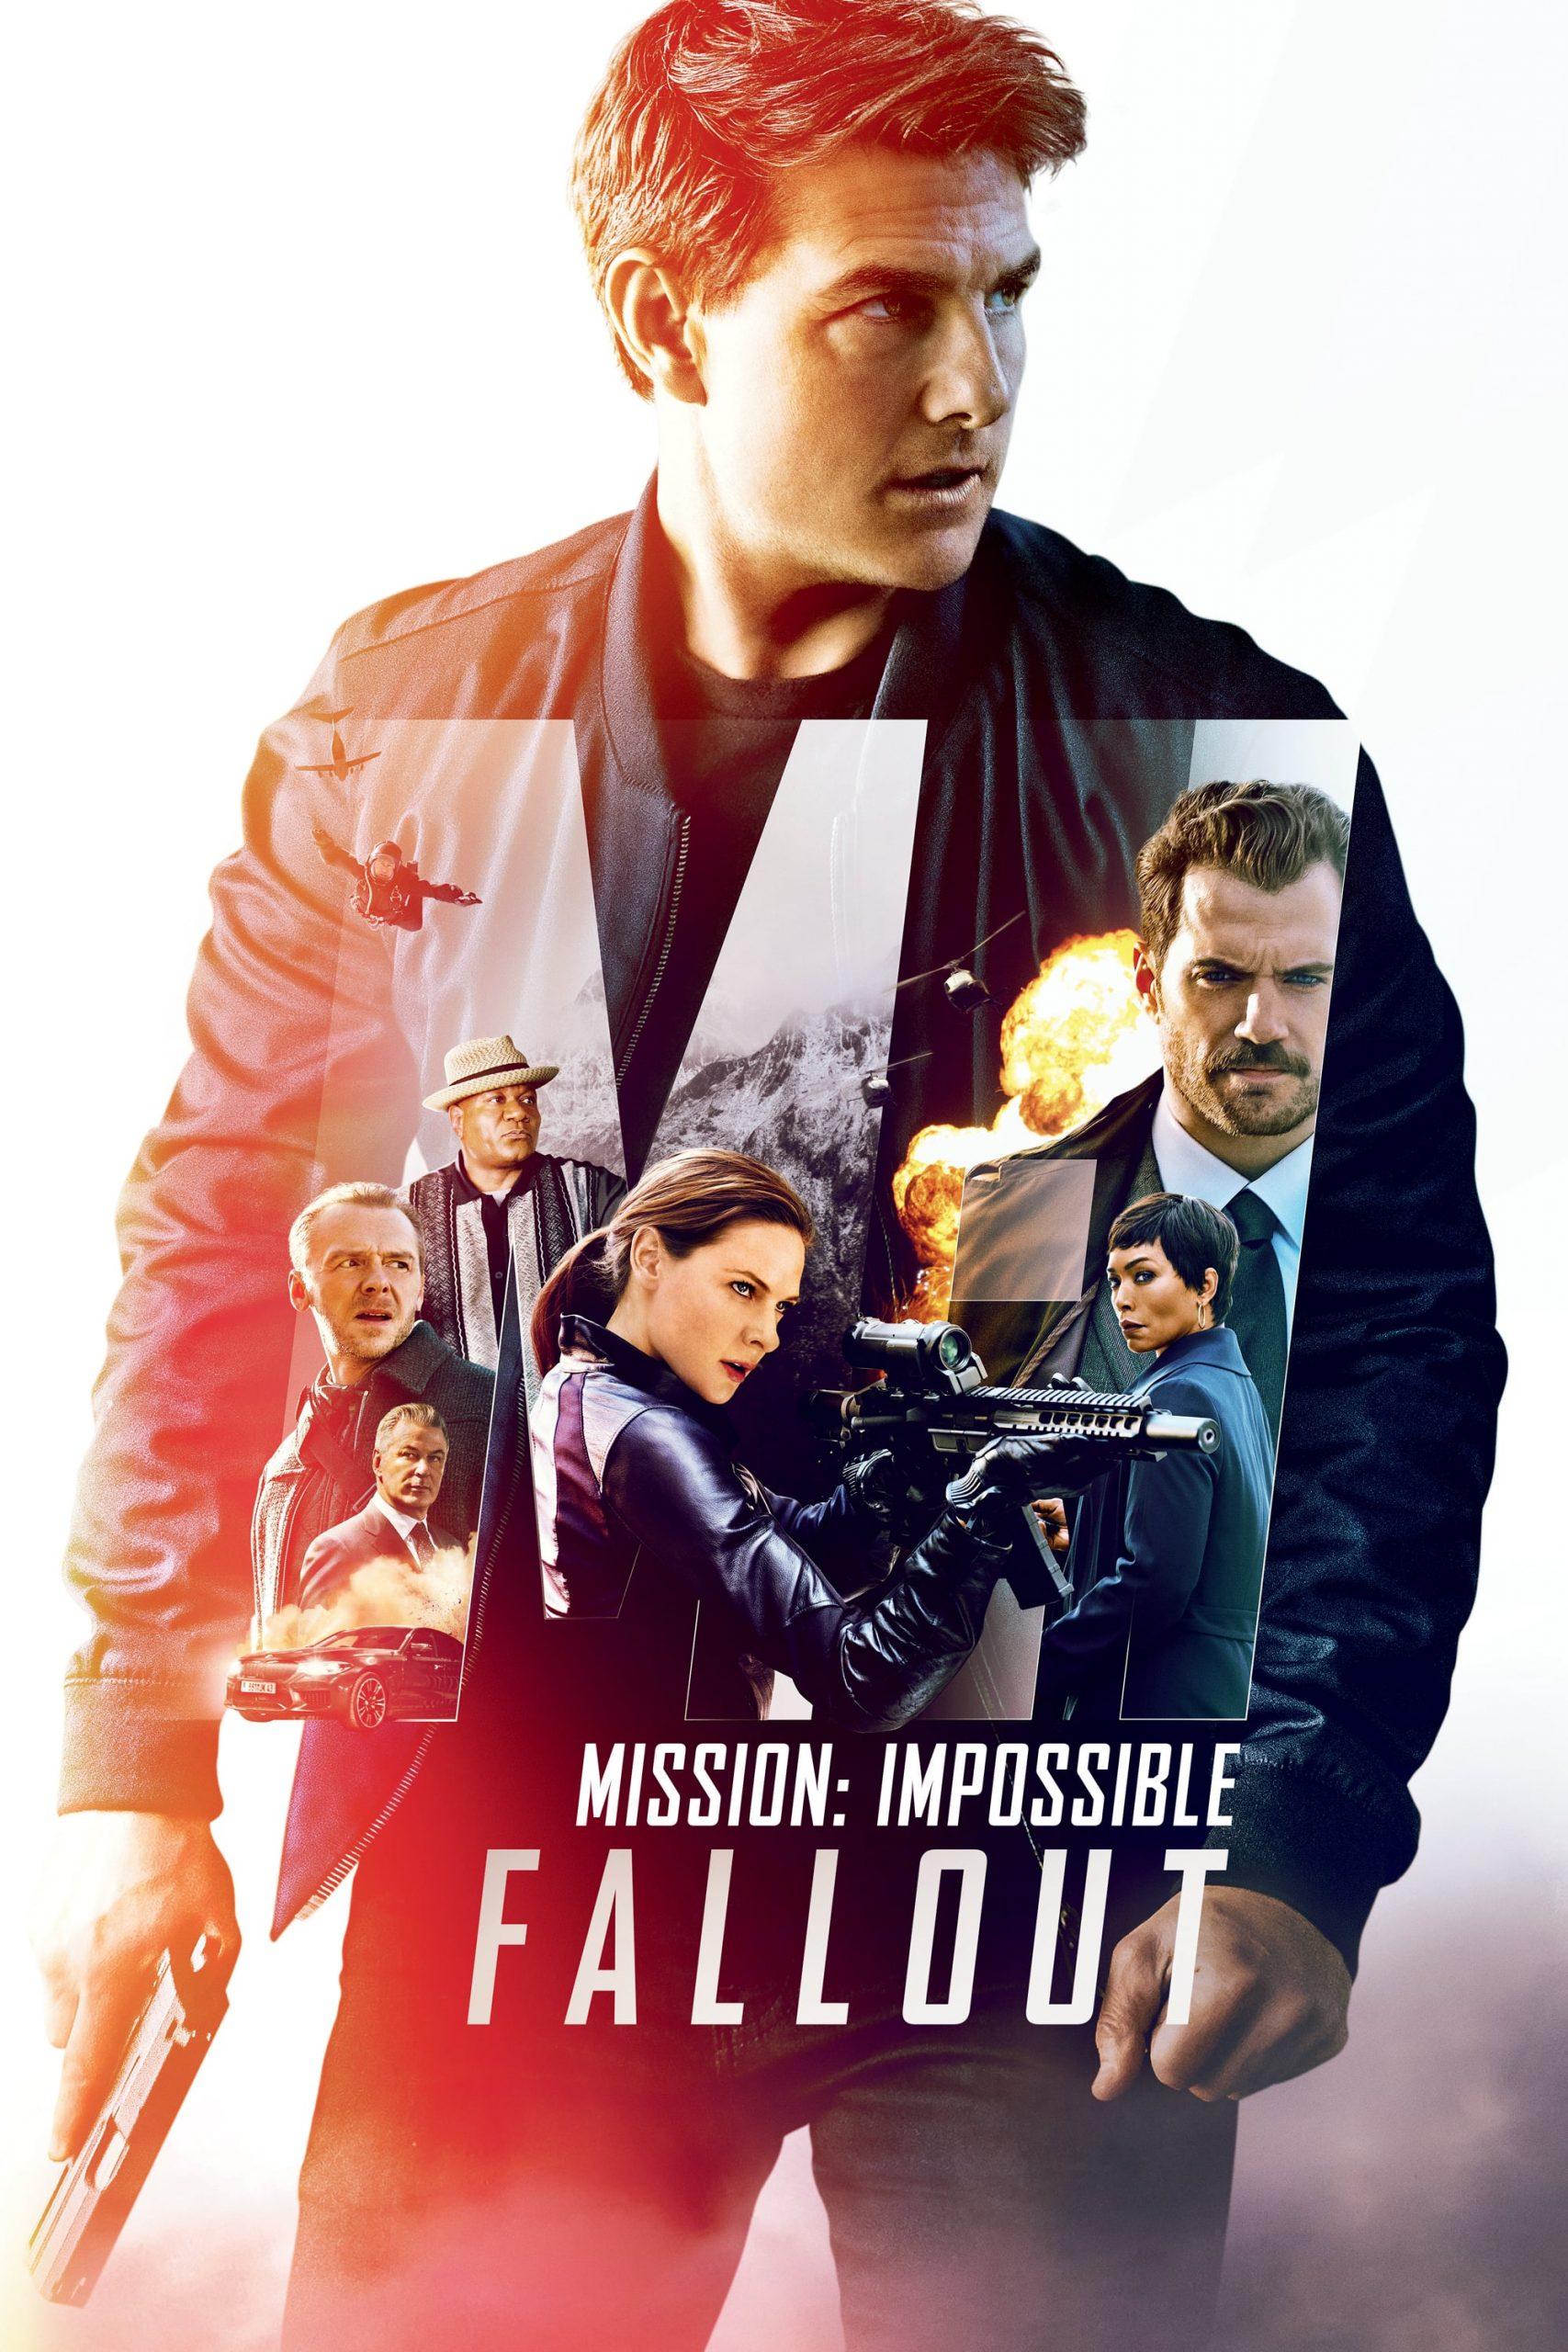 دانلود فیلم Mission: Impossible Fallout 2018 با دوبله فارسی